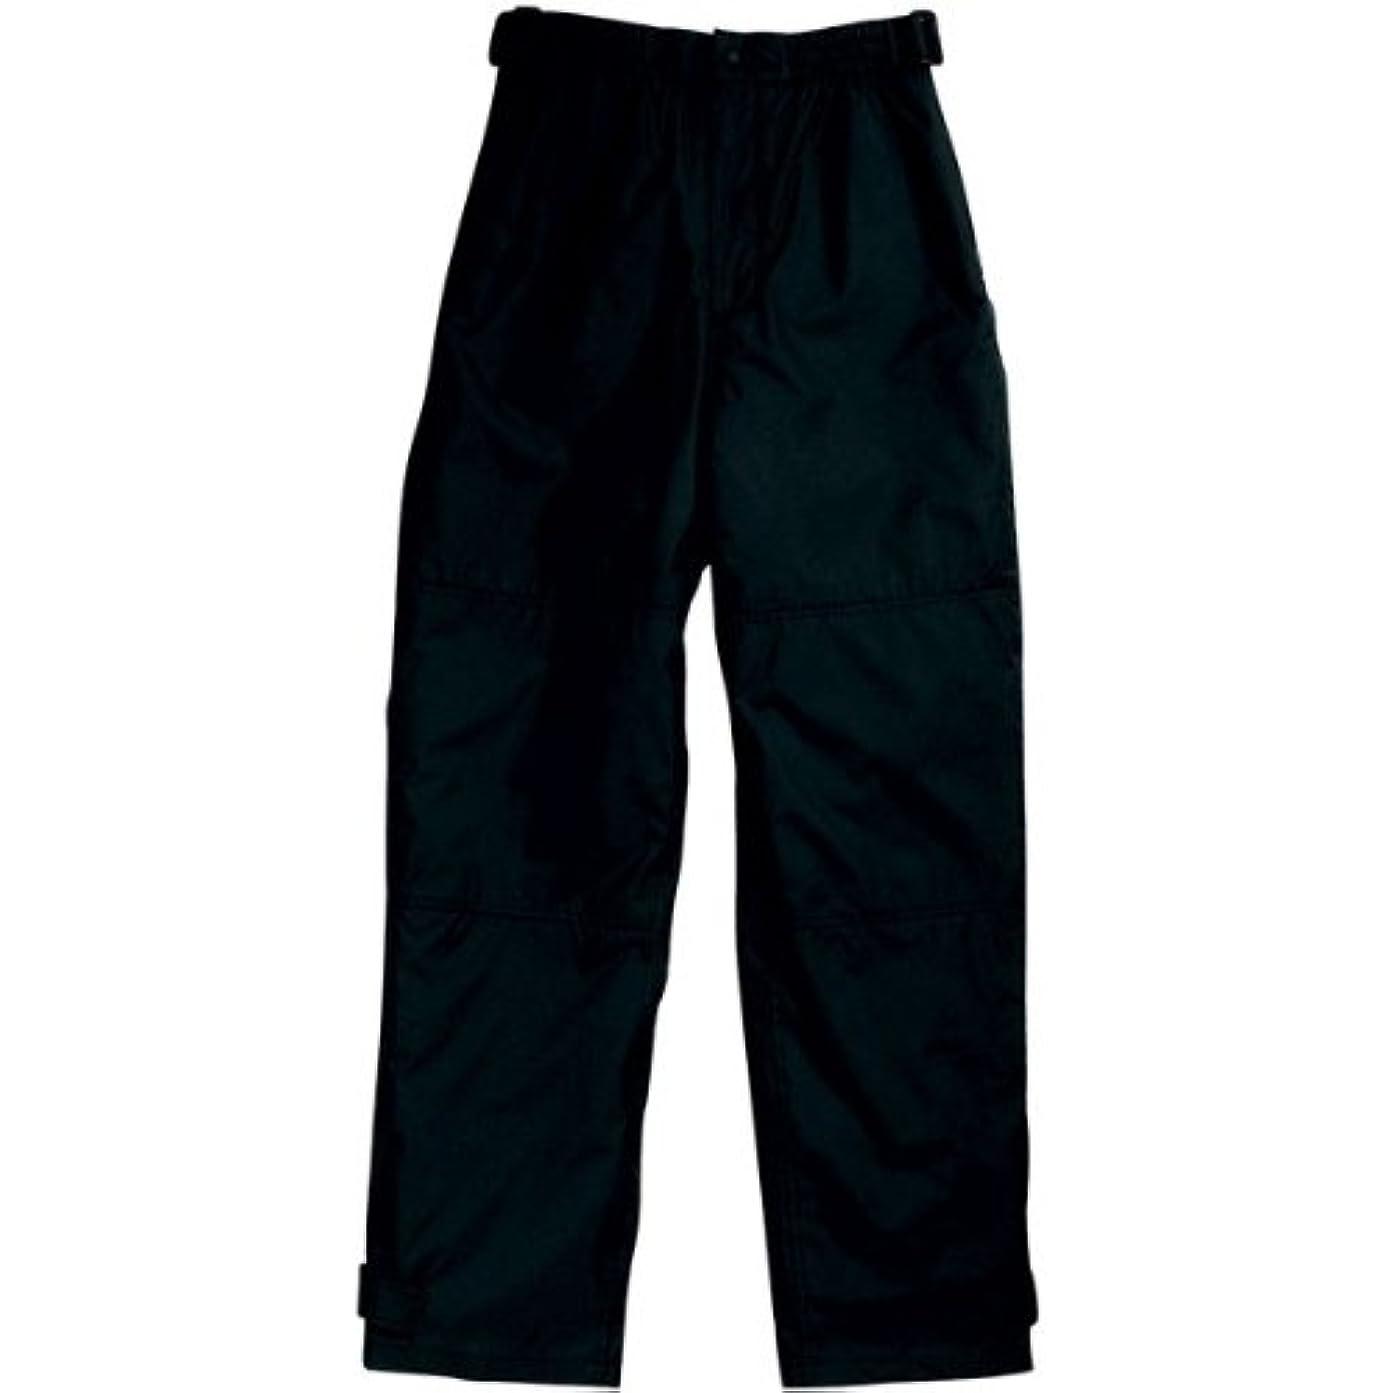 する私の線sowa(ソーワ) 防水防寒パンツ 防寒ズボン アルミメッシュ キルト sw-2809 ブラック M